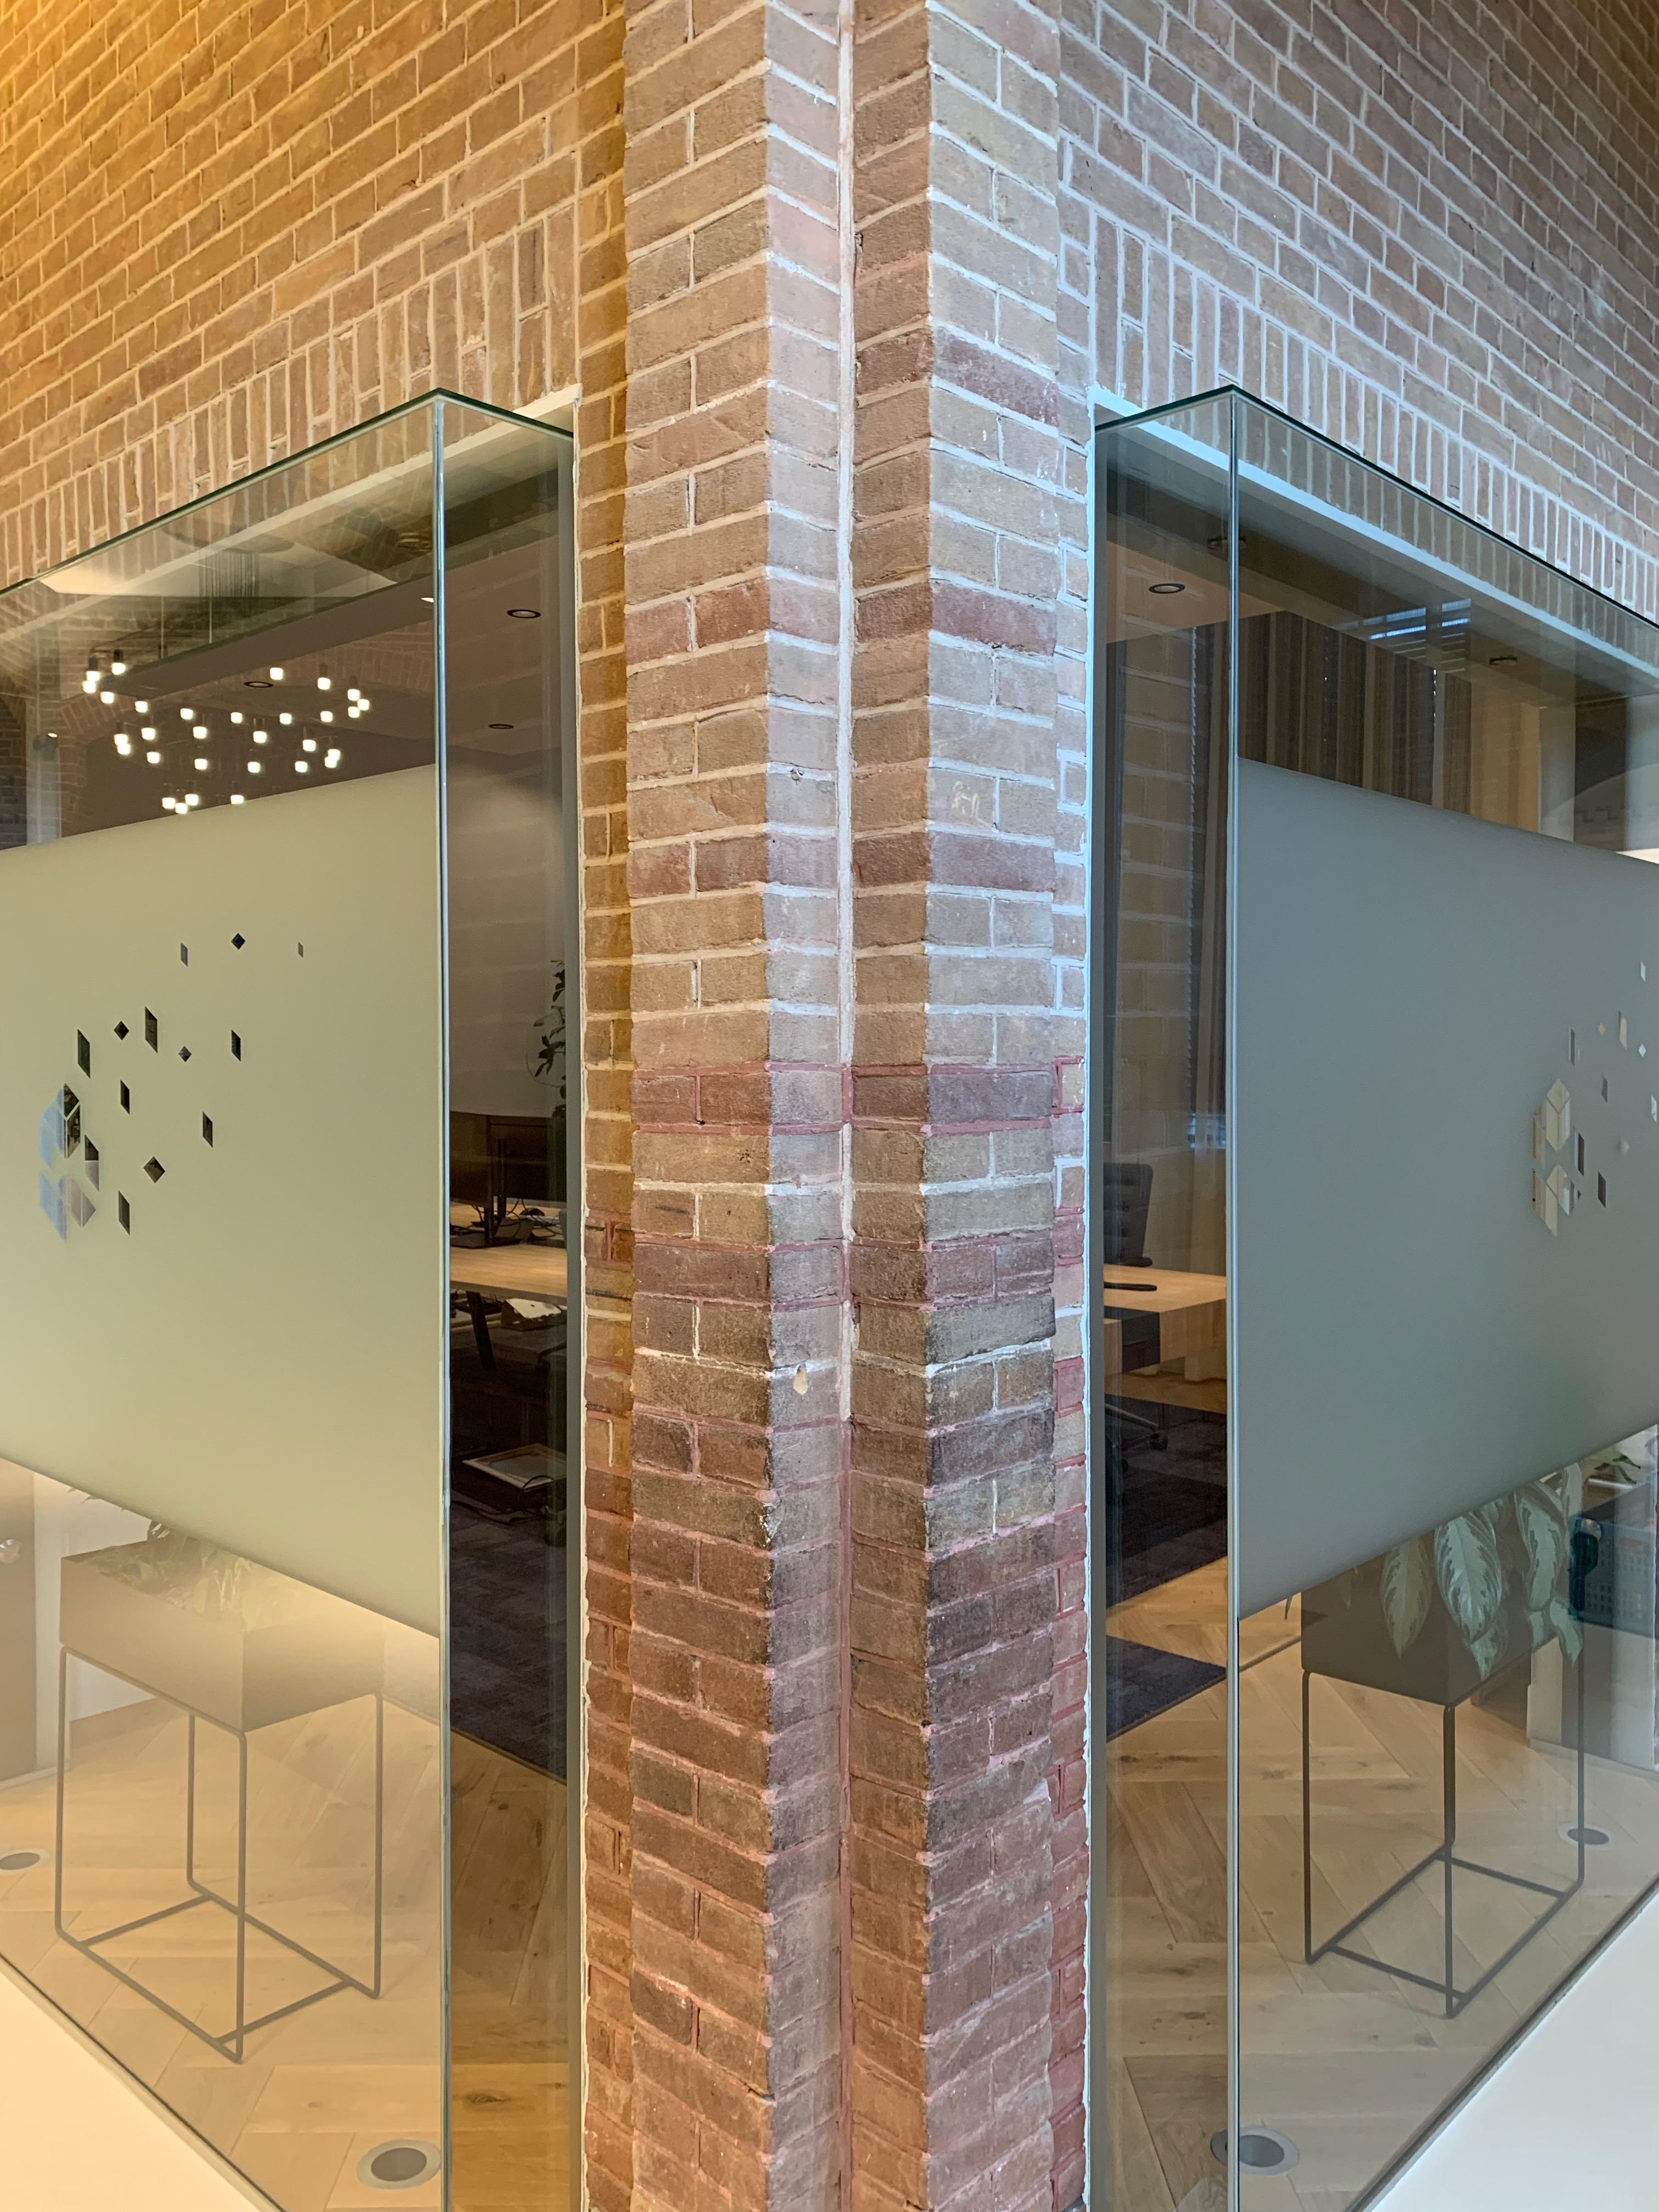 <p>Kantoor in monumentaal pand West-Friesland door Tanya van Leeuwen Interieurarchitectuur. Beeld Anne van Houwelingen</p>